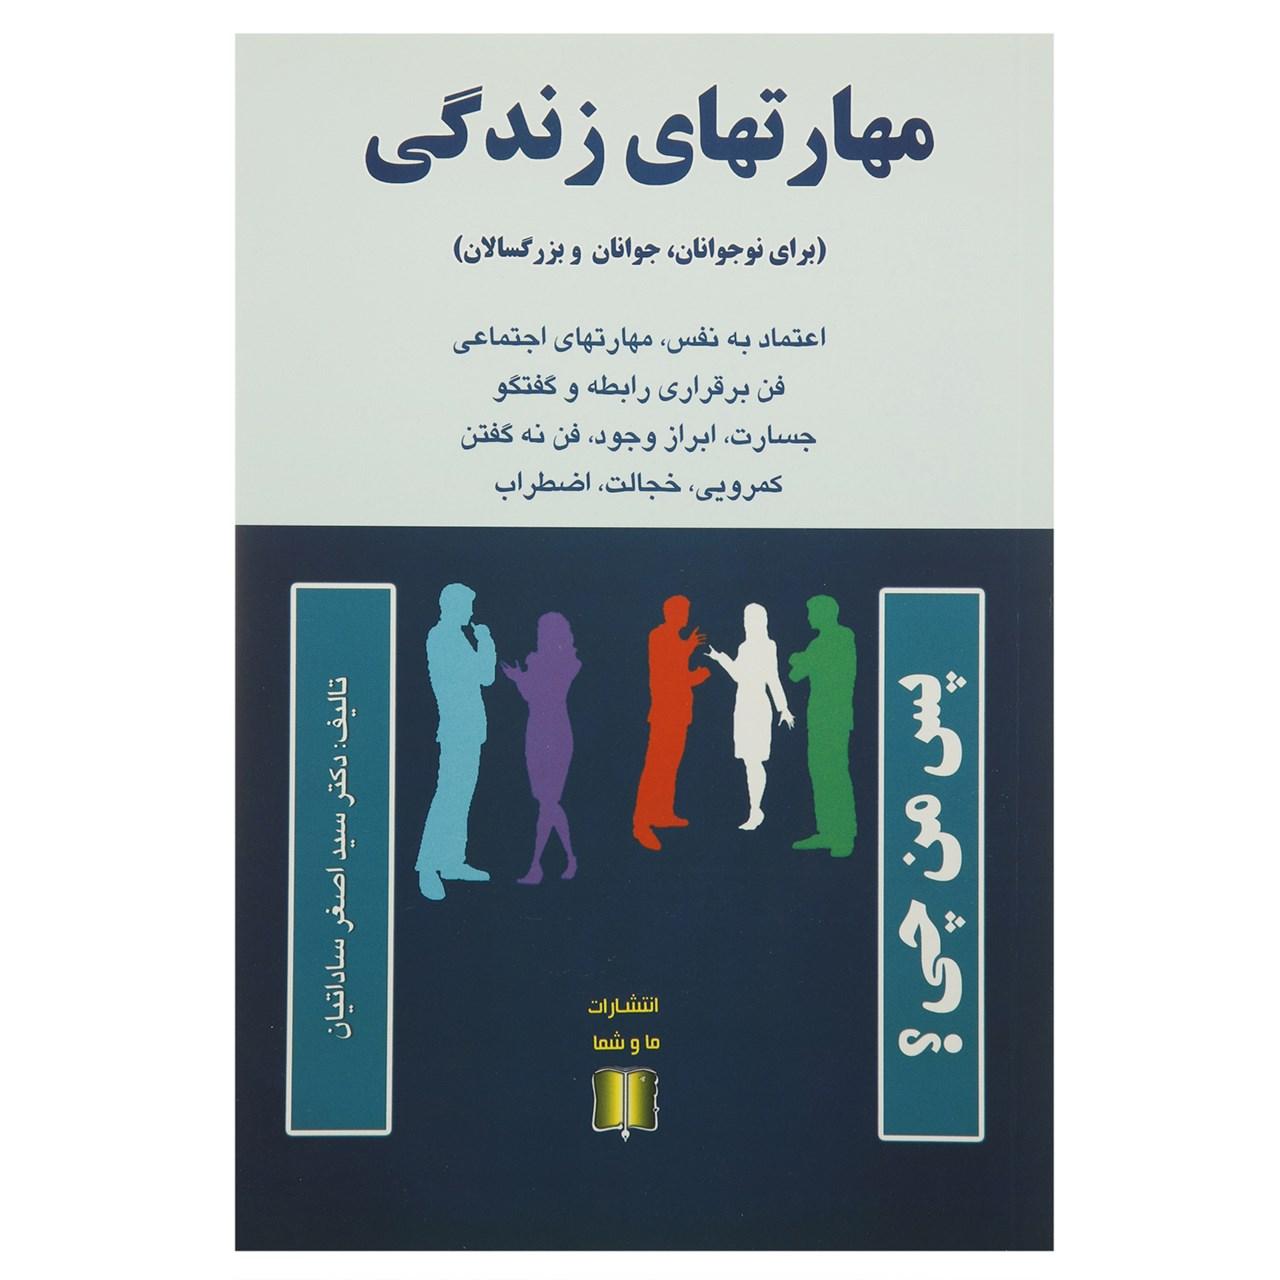 کتاب مهارت های زندگی برای نوجوانان جوانان و بزرگسالان اثر اصغر ساداتیان